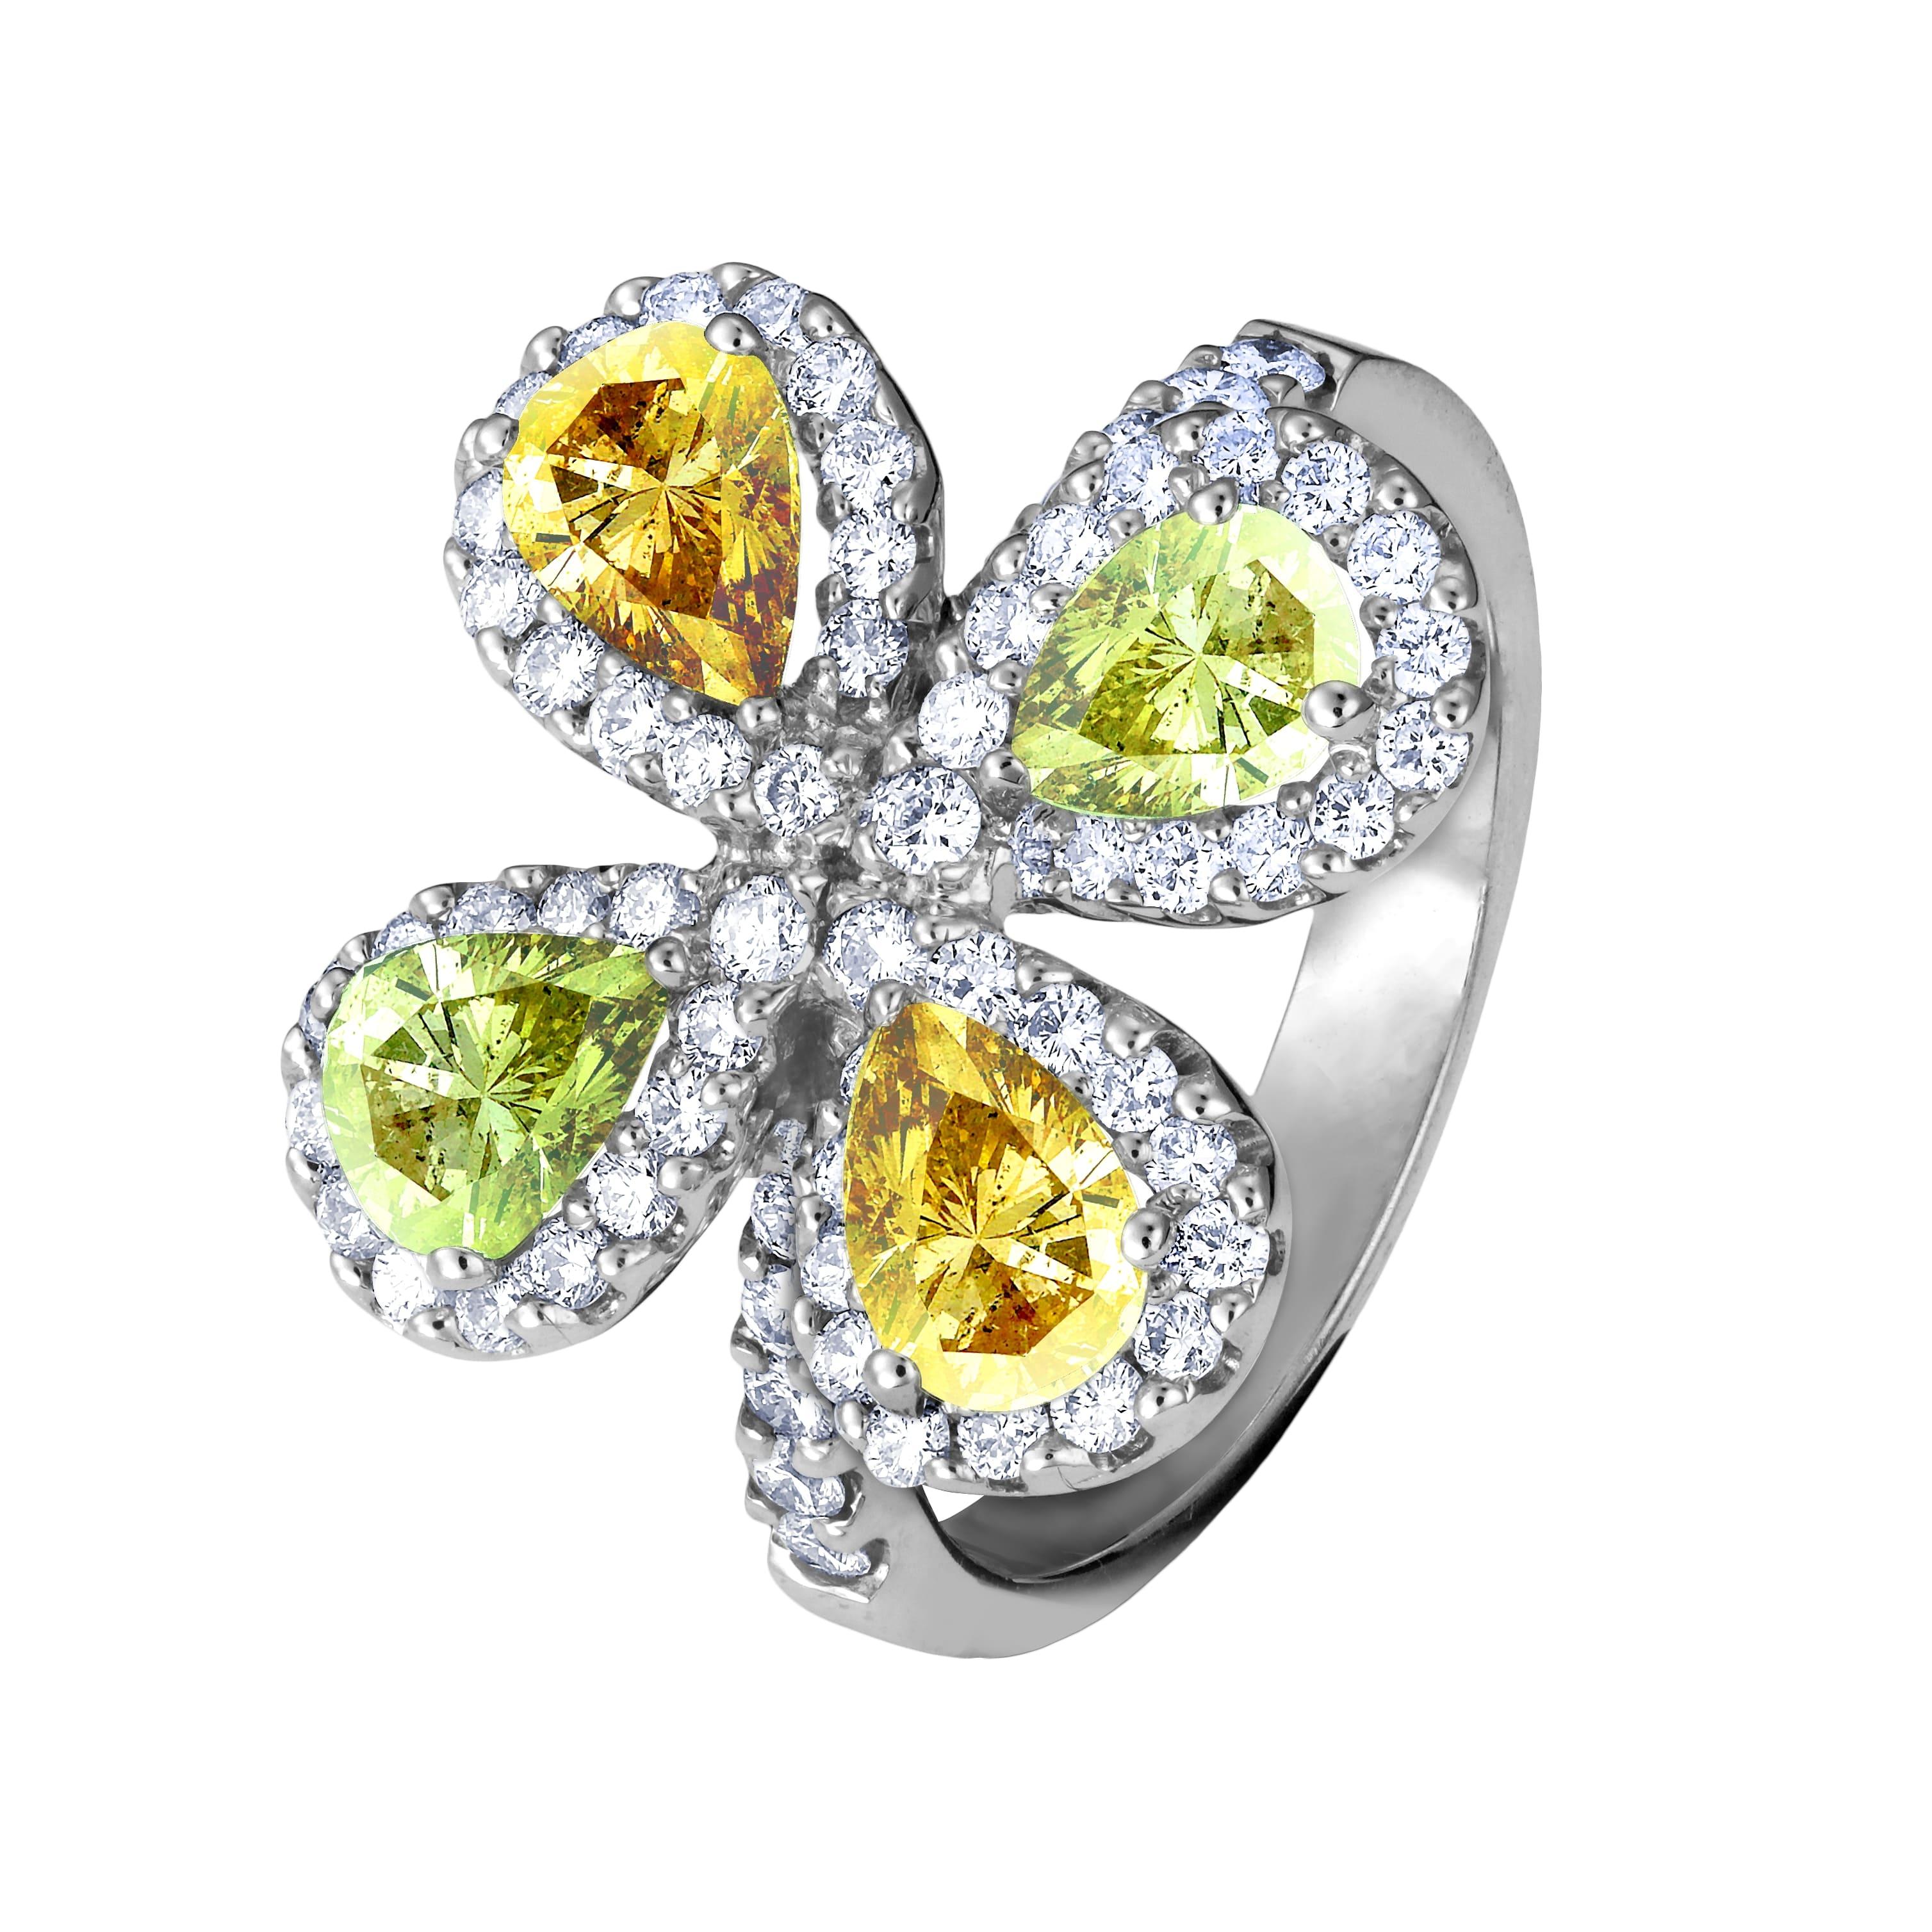 四葉彩鑽造形戒指